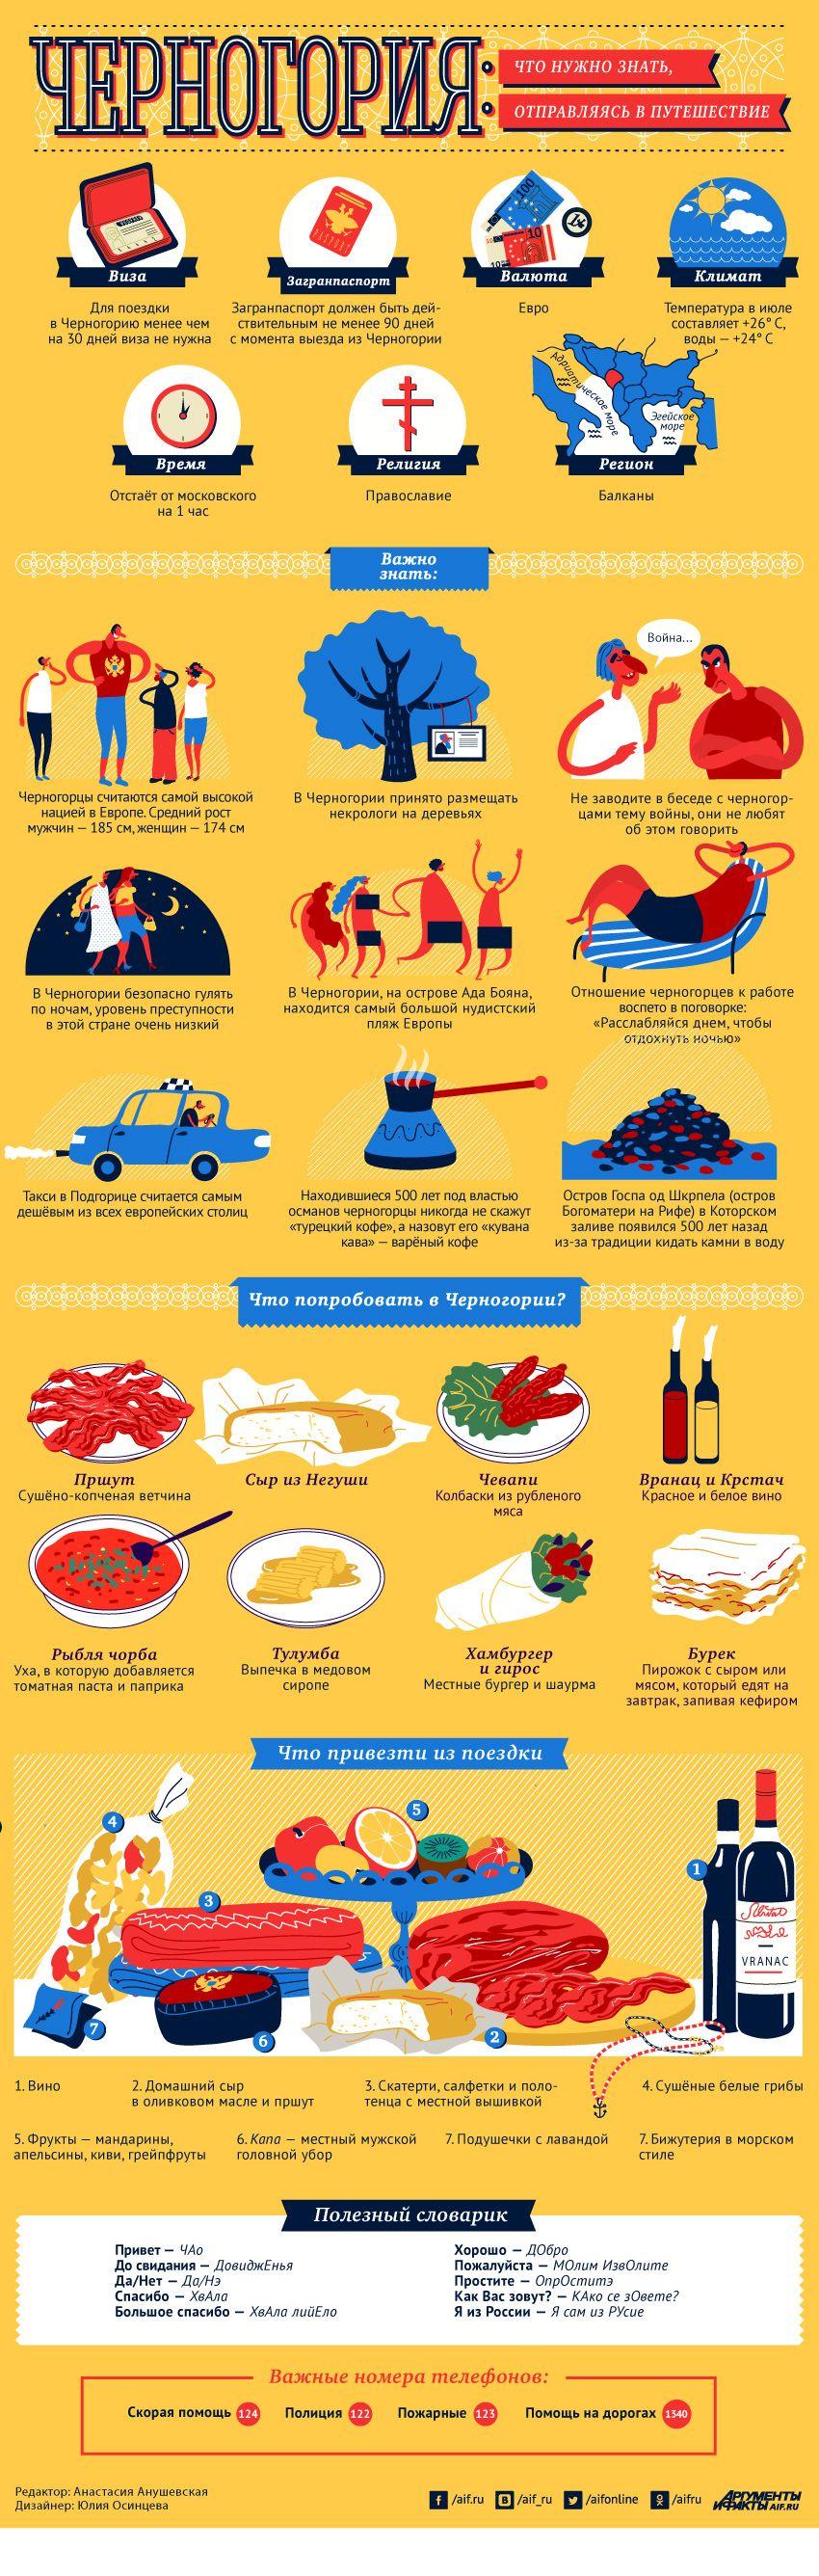 Черногория: что нужно знать, отправляясь в путешествие? Инфографика   Инфографика   Вопрос-Ответ   Аргументы и Факты